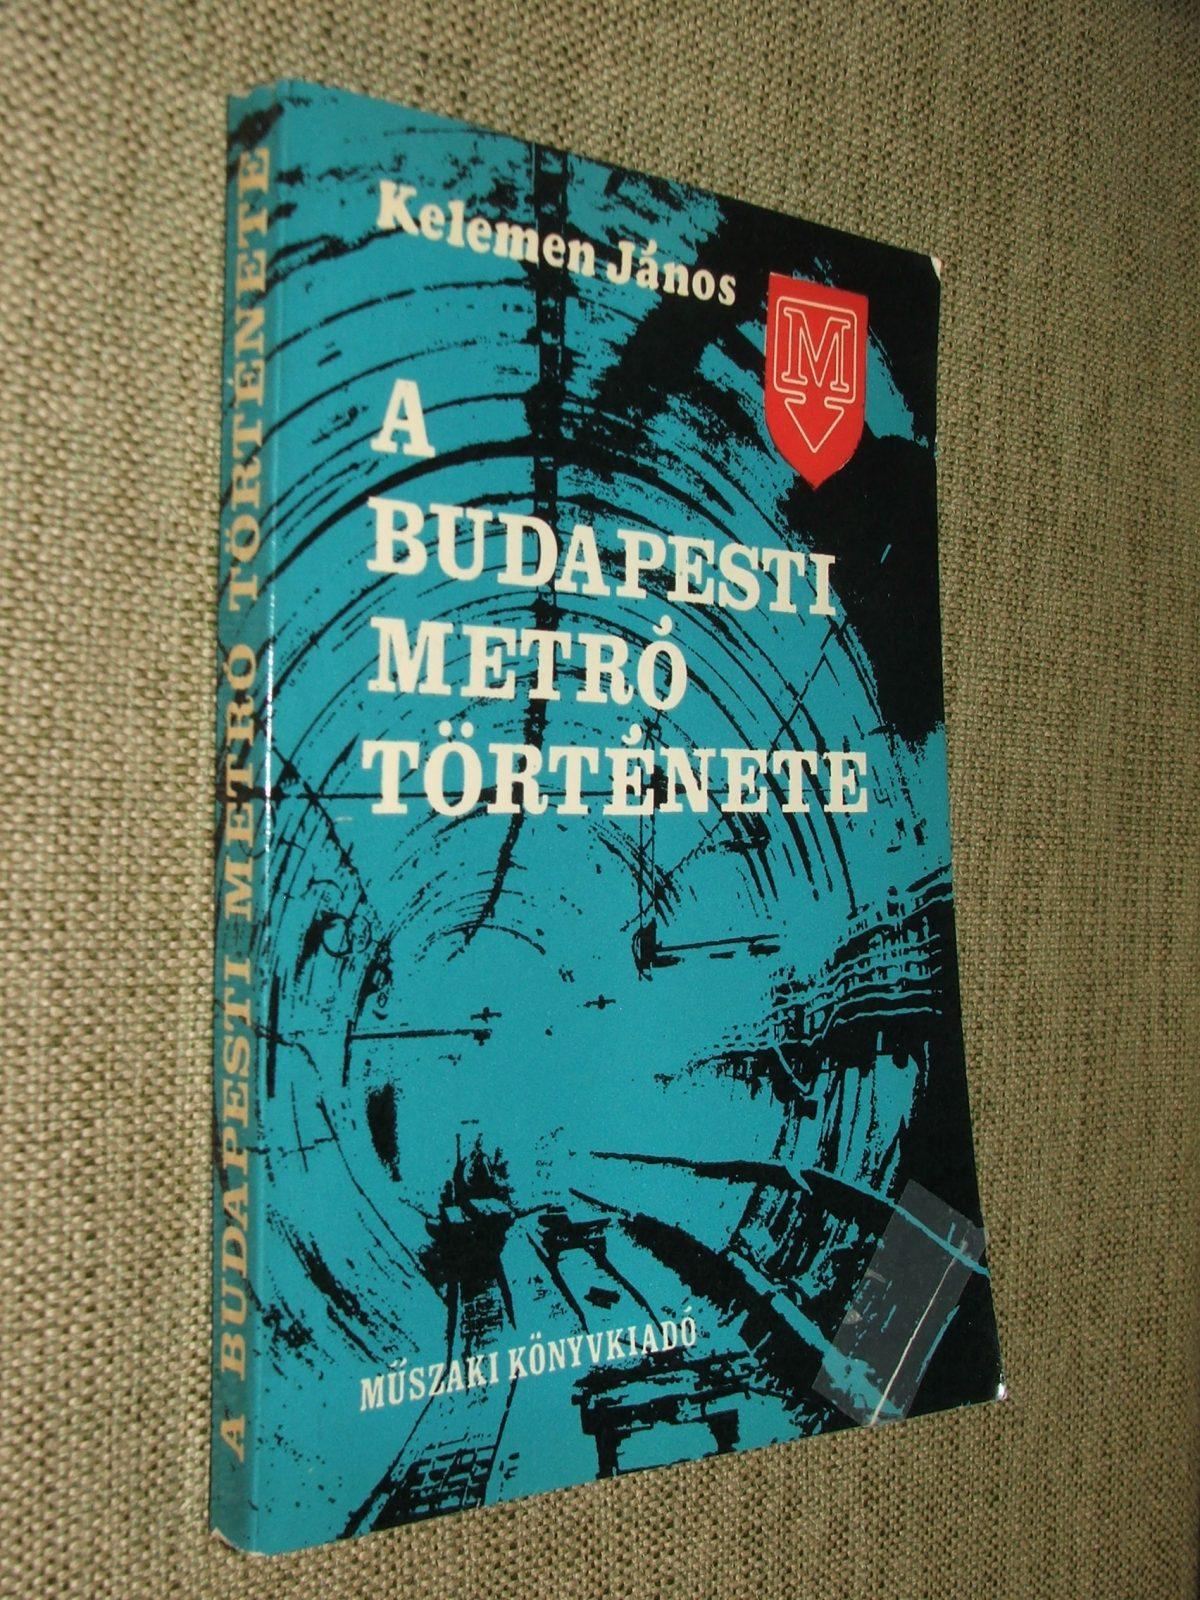 KELEMEN János: A budapesti METRÓ története